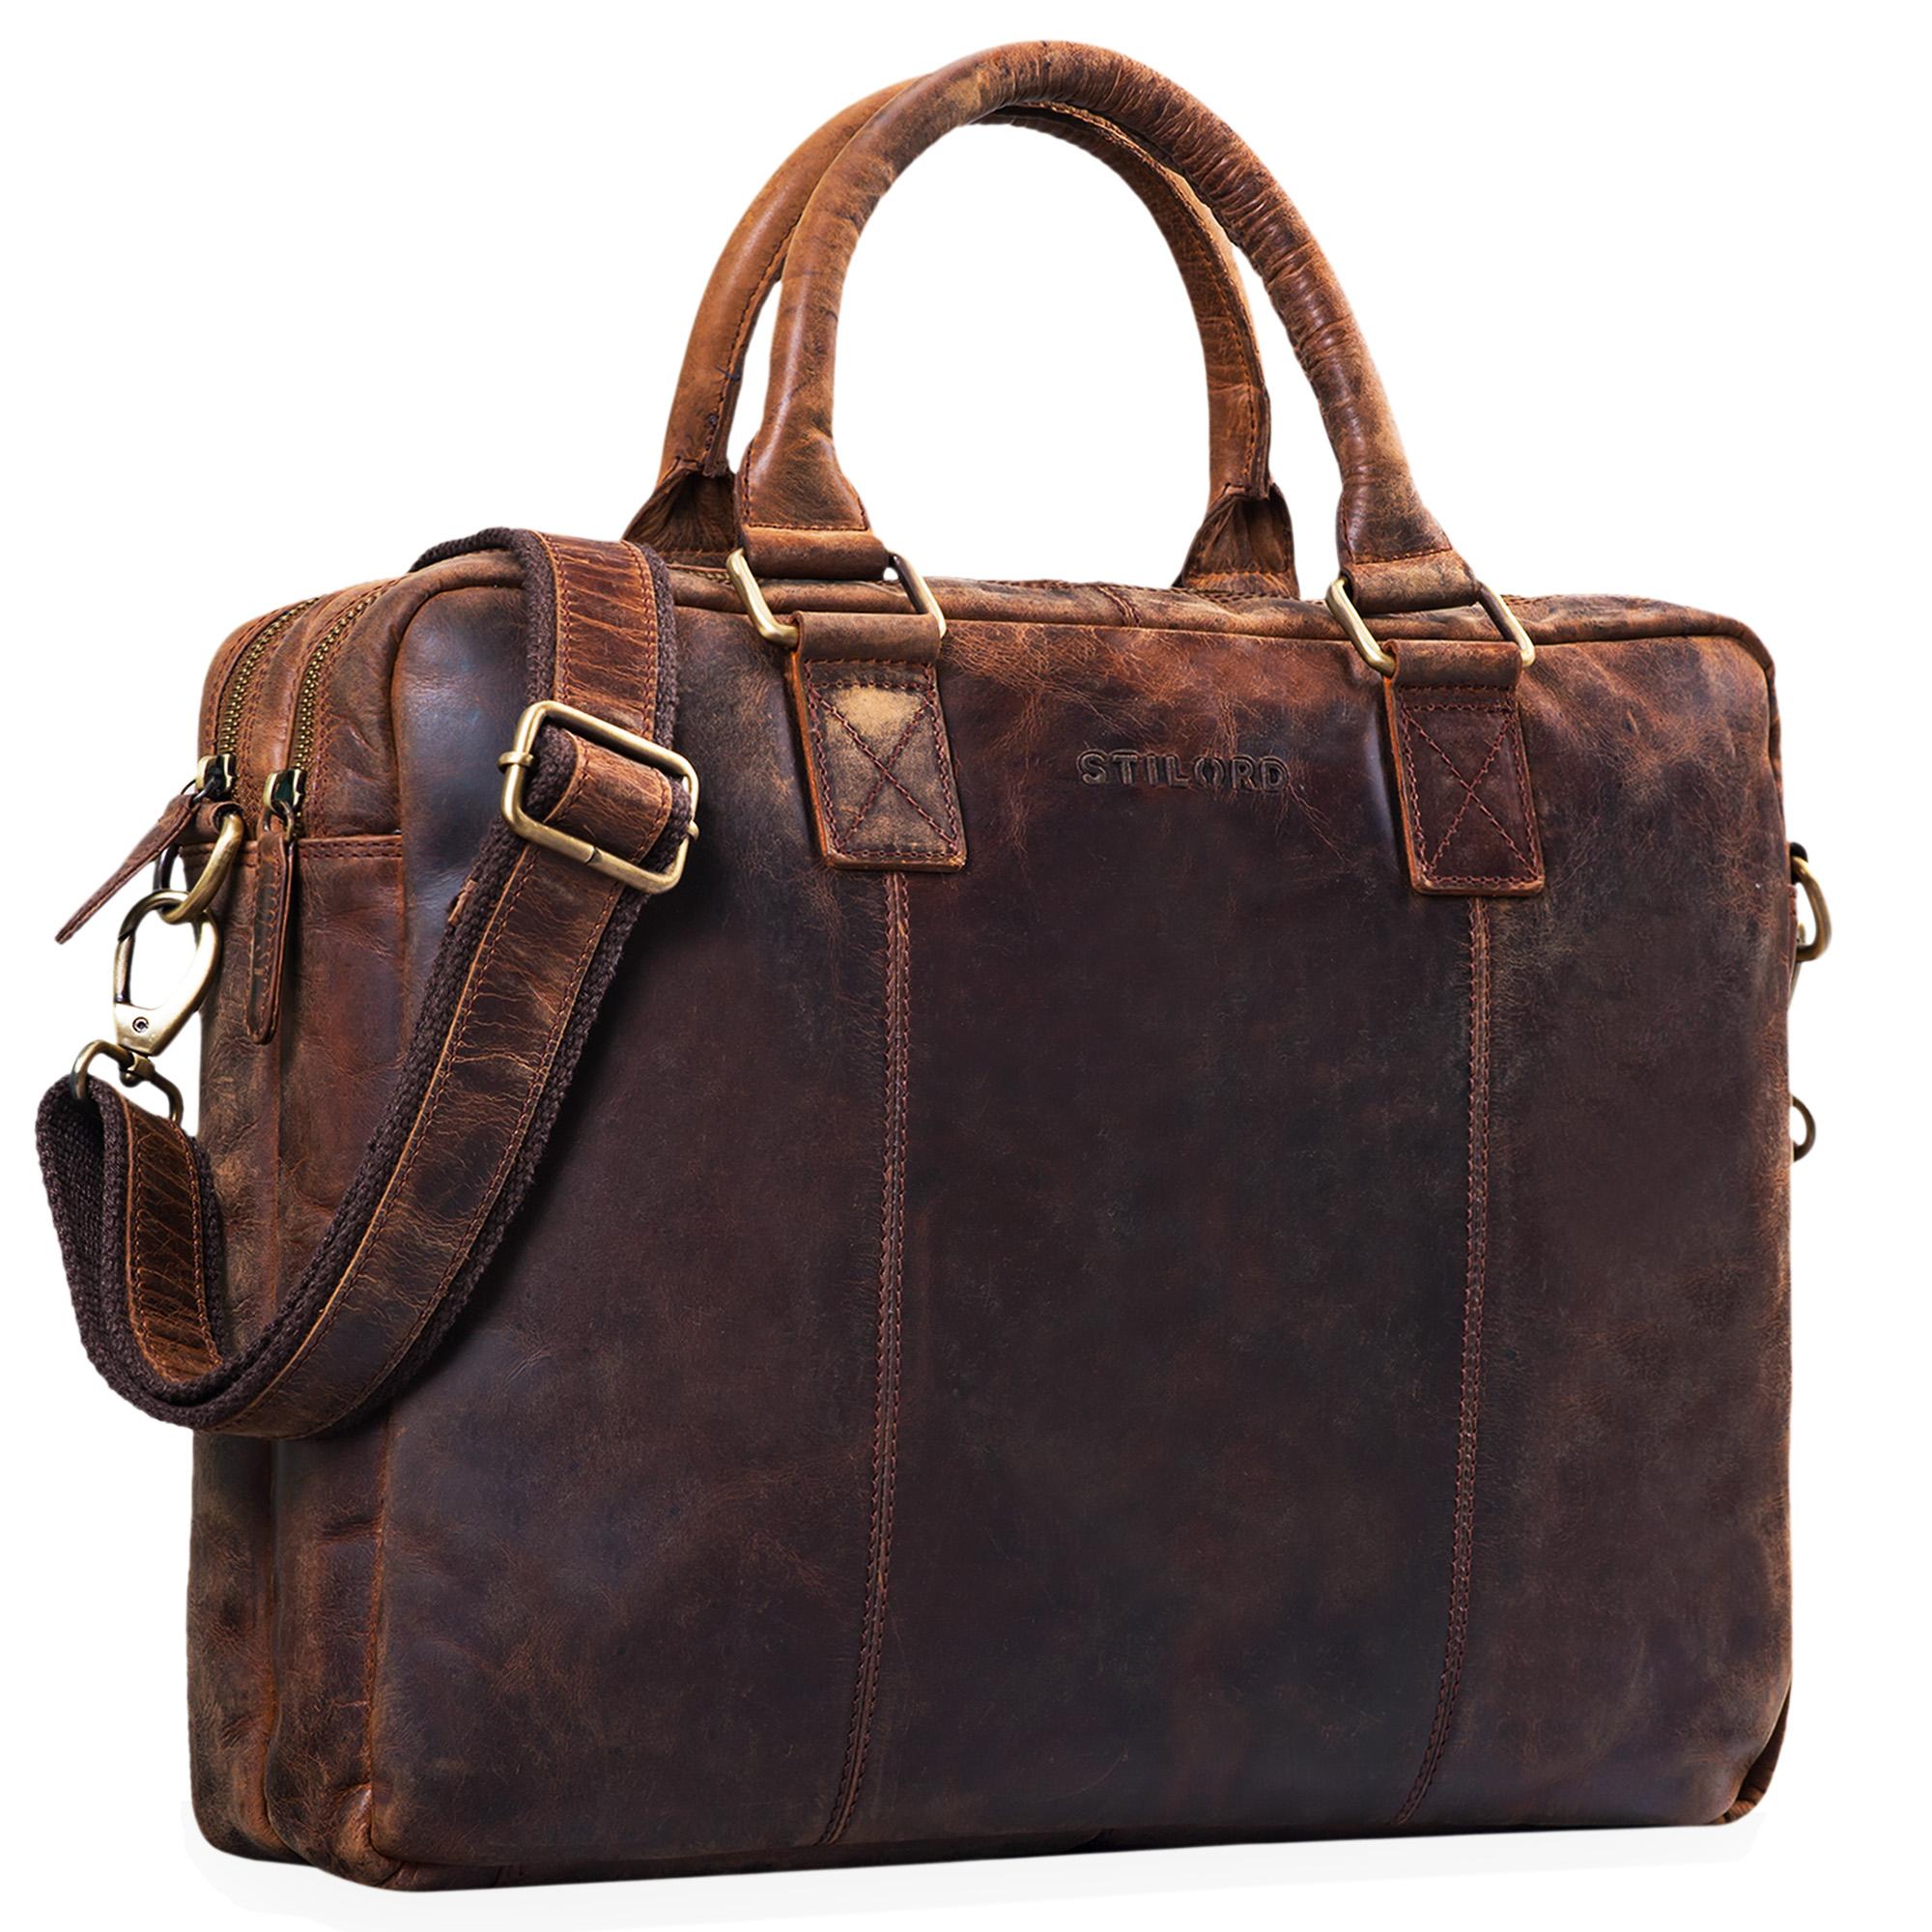 """STILORD """"Zacharias"""" Vintage Businesstasche Leder Aktentasche groß XL 15,6 Zoll Laptoptasche Schultertasche Umhängetasche Echtleder - Bild 1"""